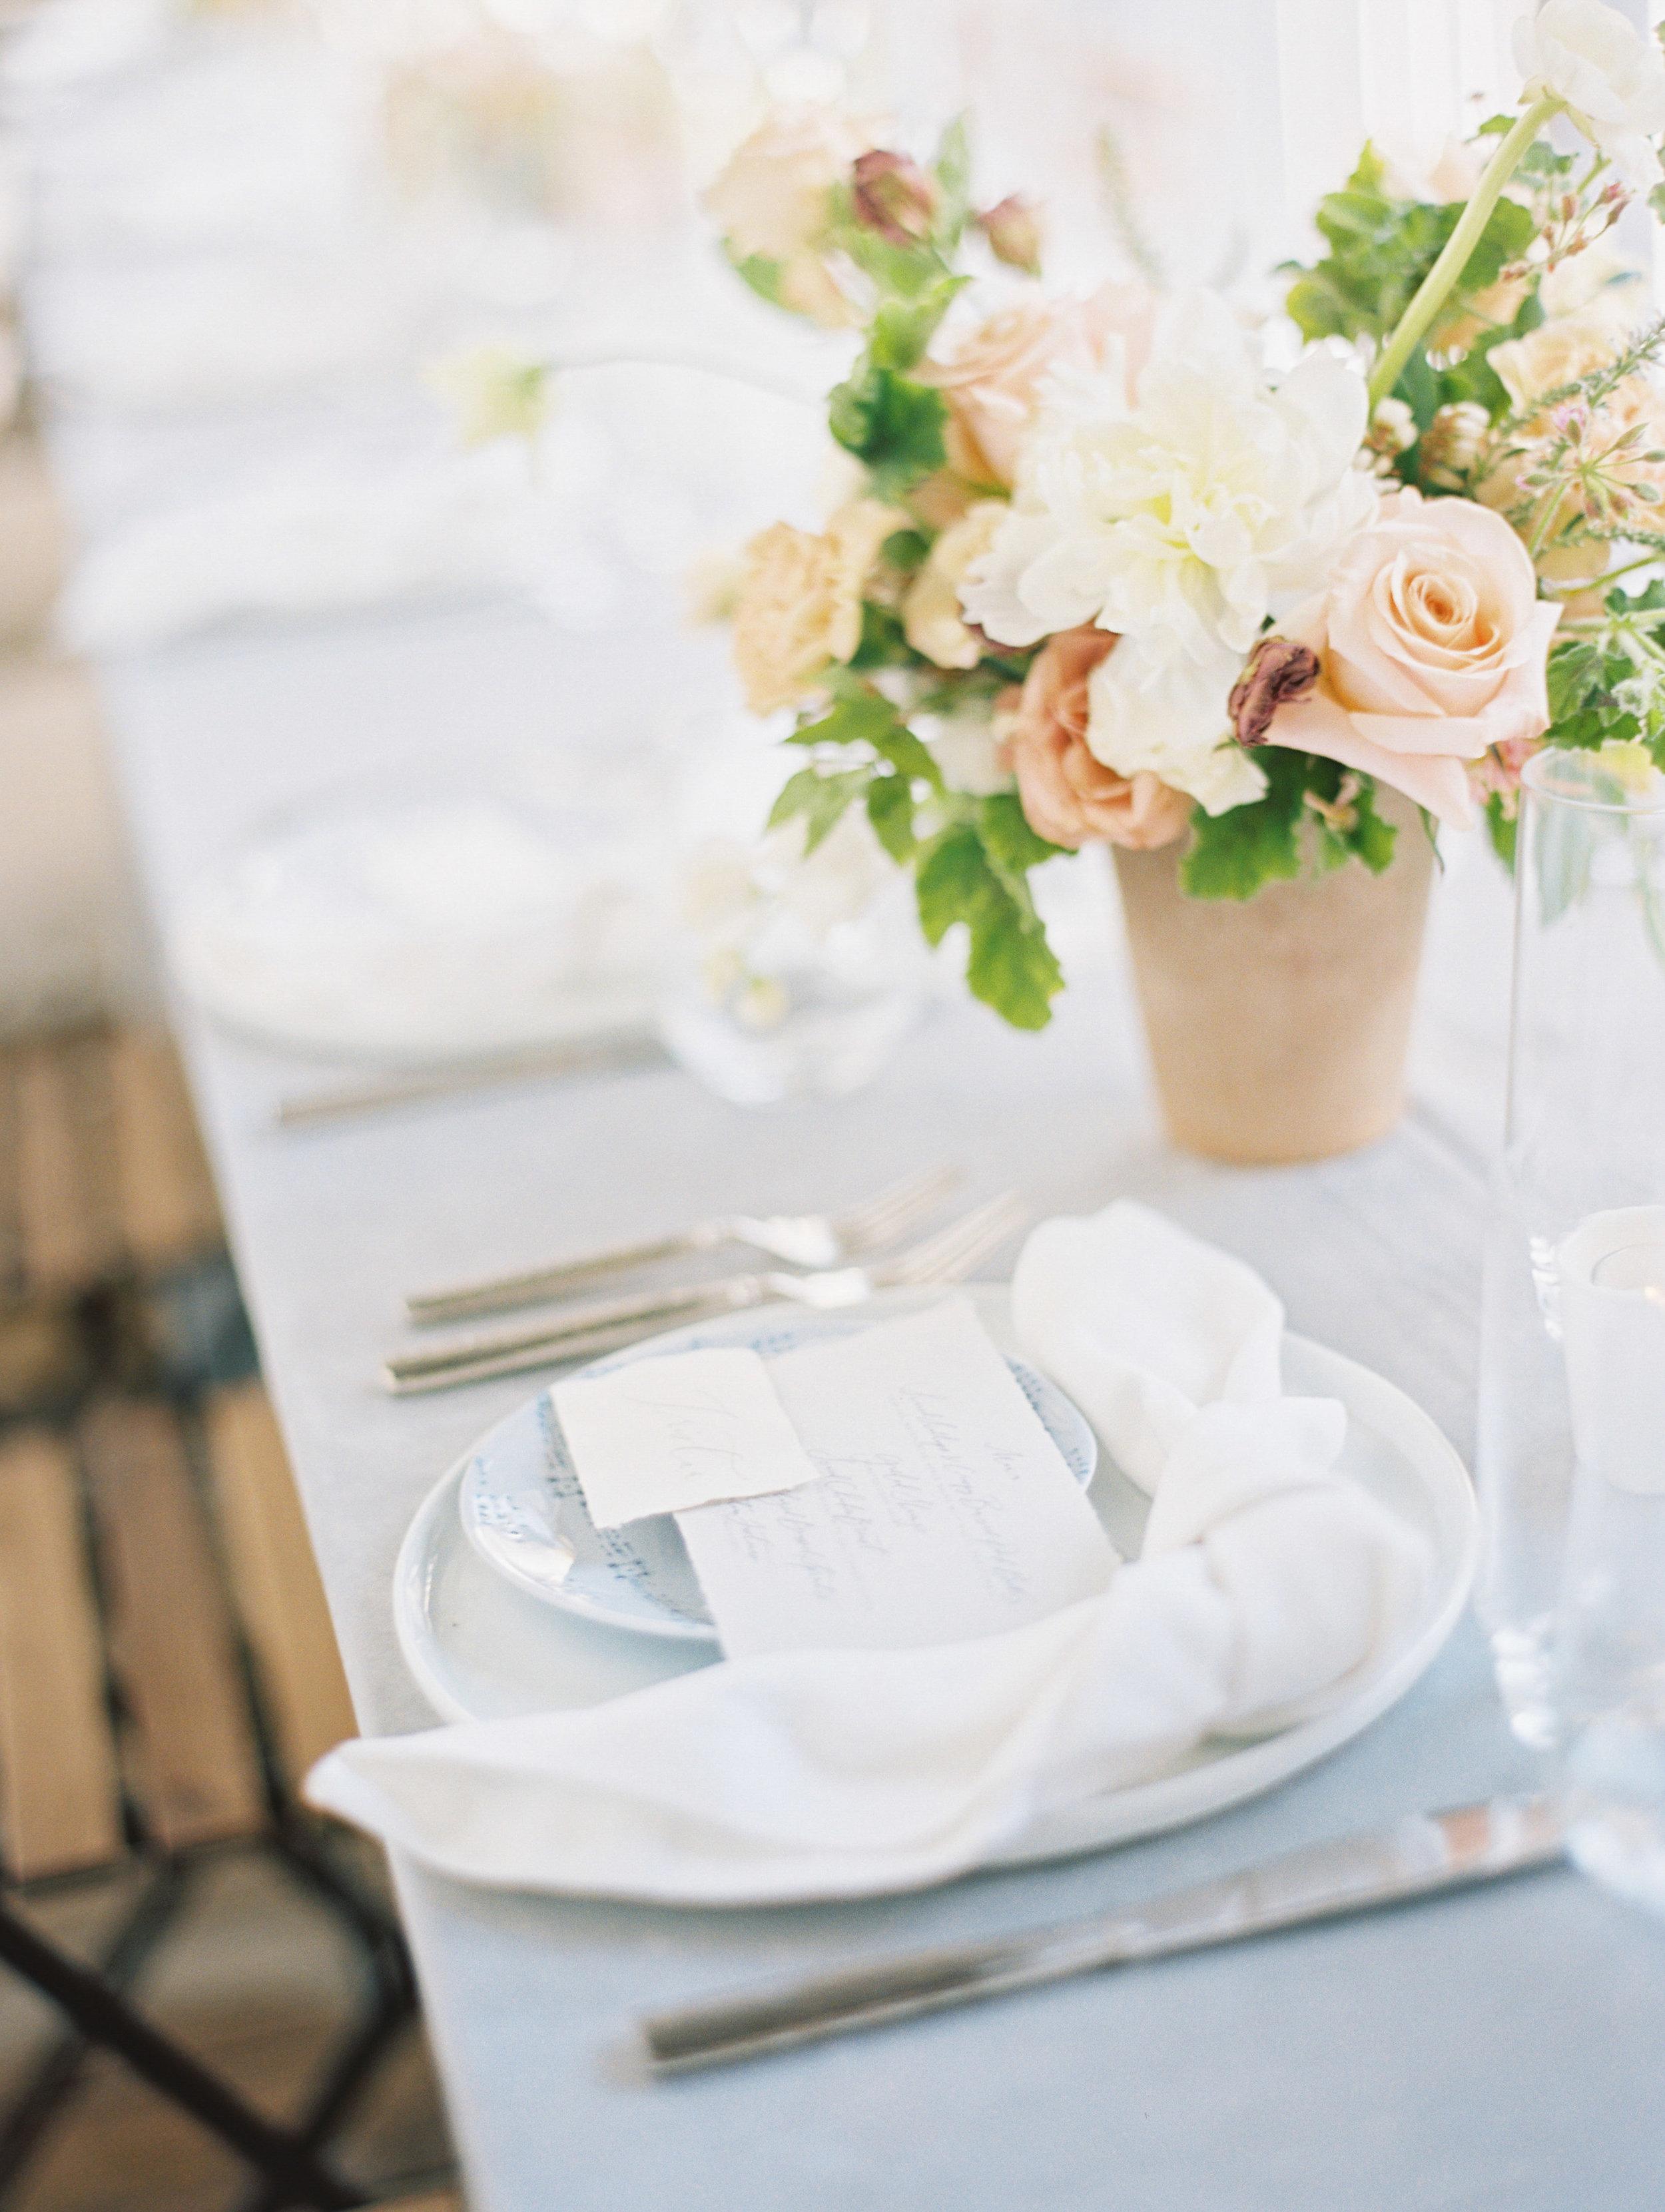 jessica-zimmerman-events-lauren-kinsey-reception-table.jpg